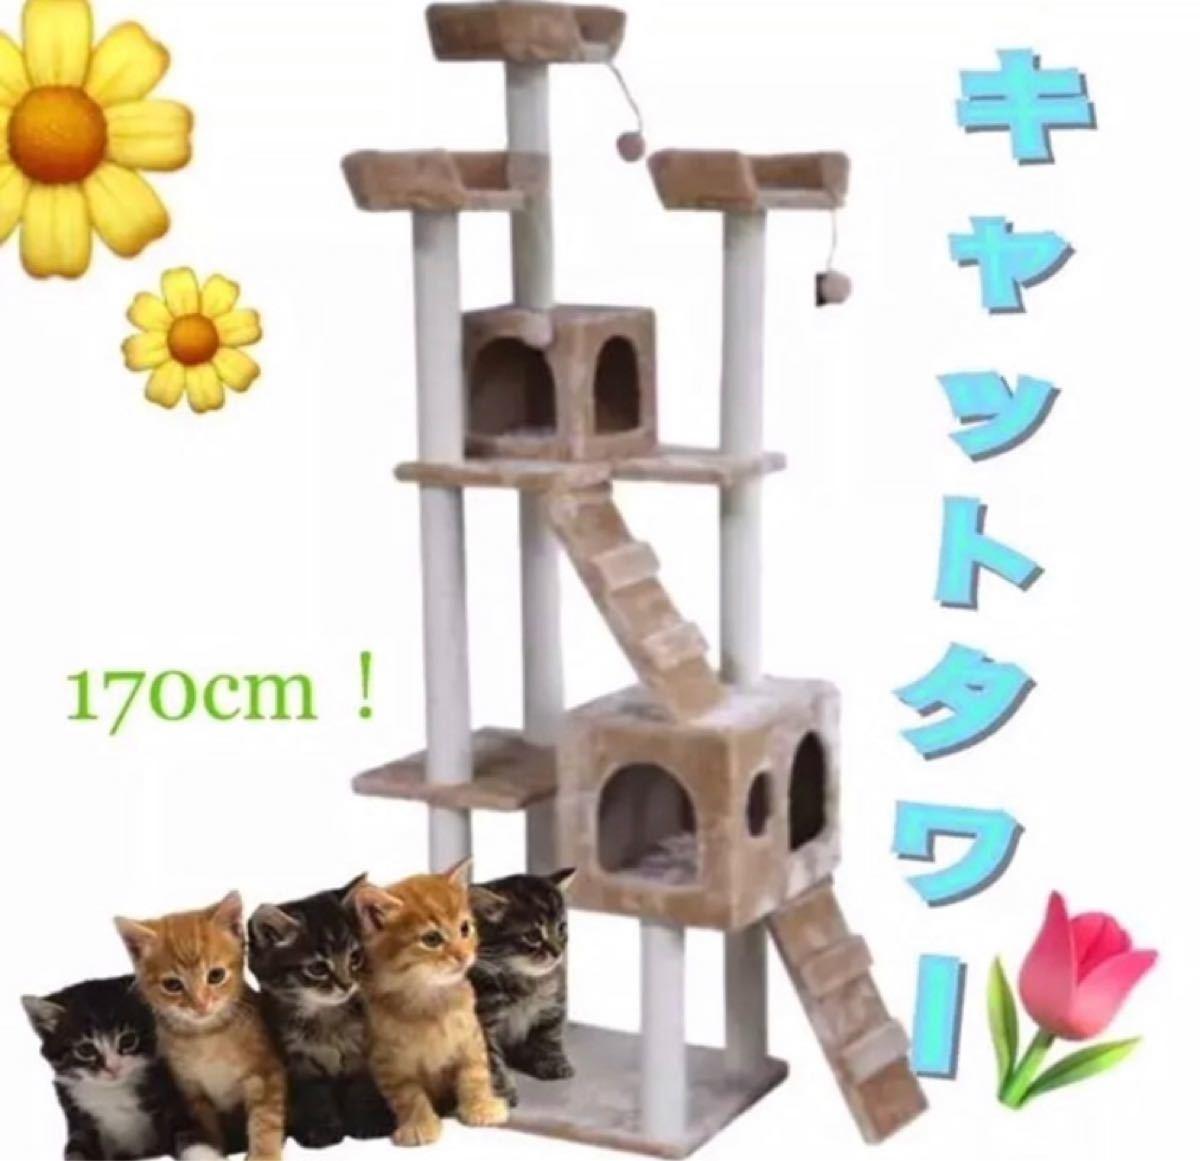 キャットタワー 猫タワー ワイド170cm ファニチャー 置き型 新品ブラウン